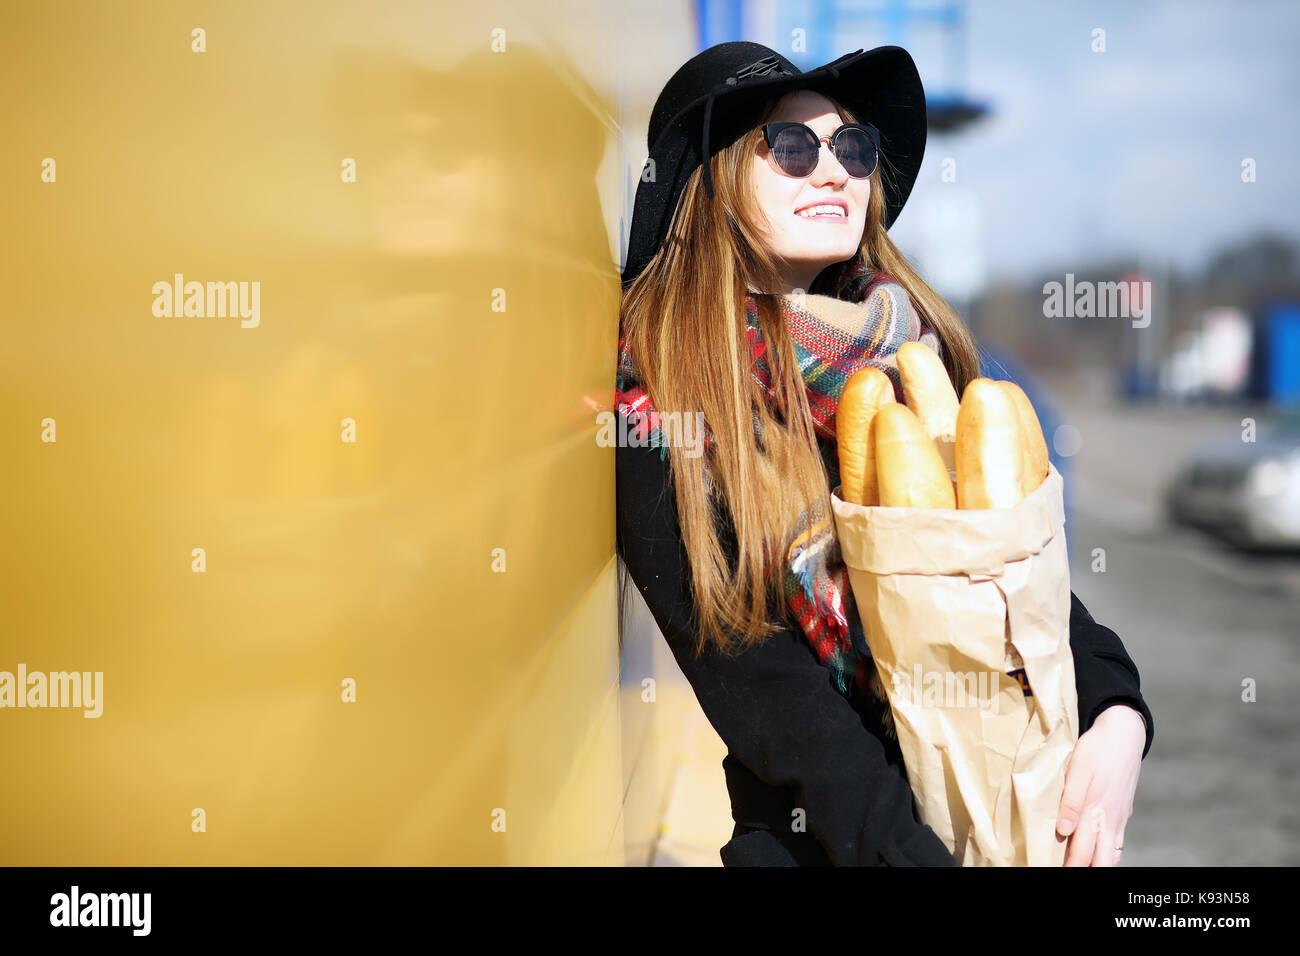 ac986b6ccf7 Femme française pour une promenade dans les épiceries Banque D ...